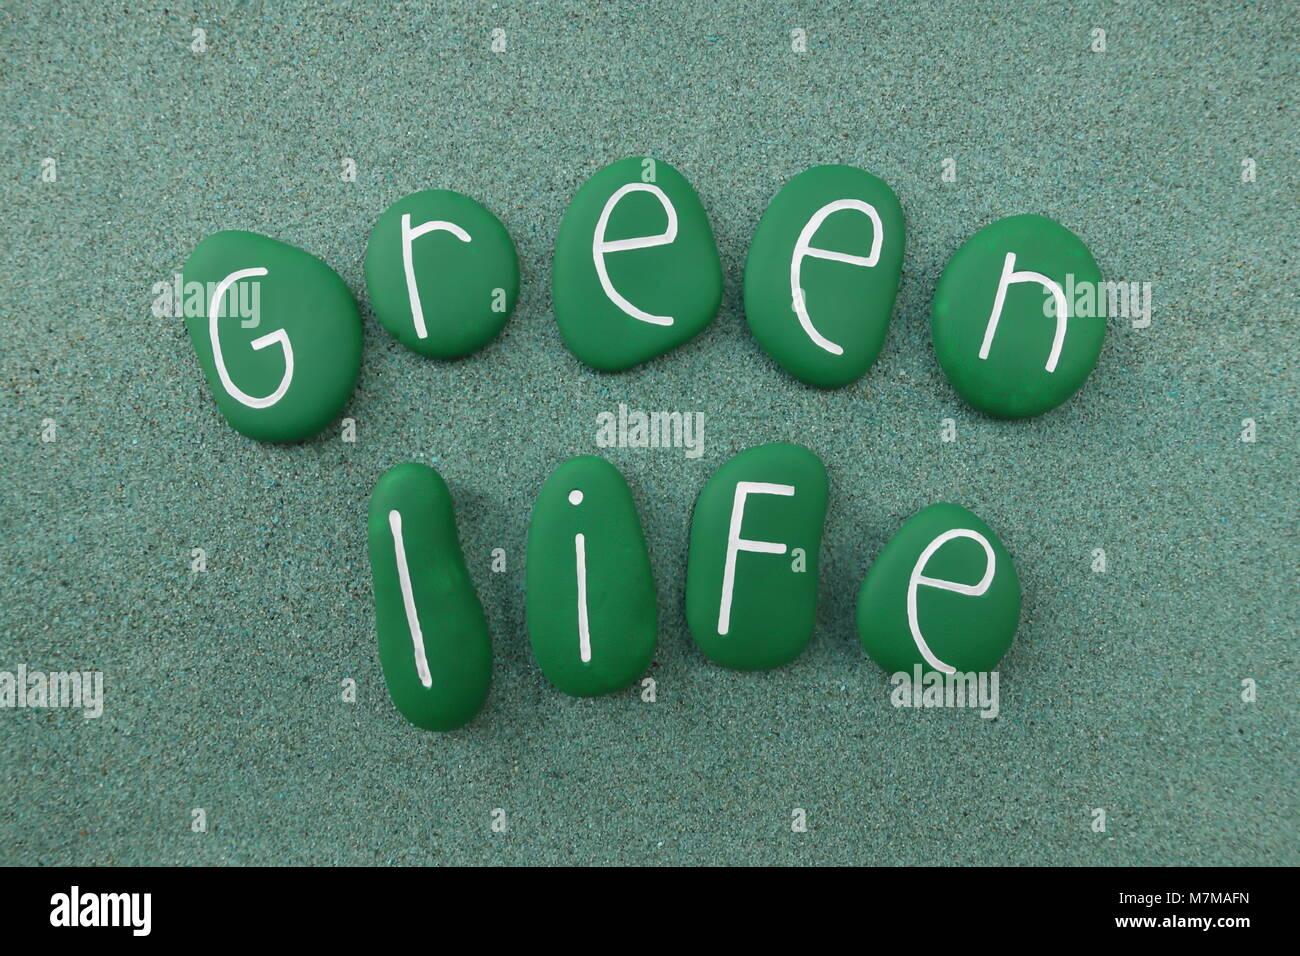 Grünes Leben Text mit grün bemalten Steinen über grünen Sand Stockbild